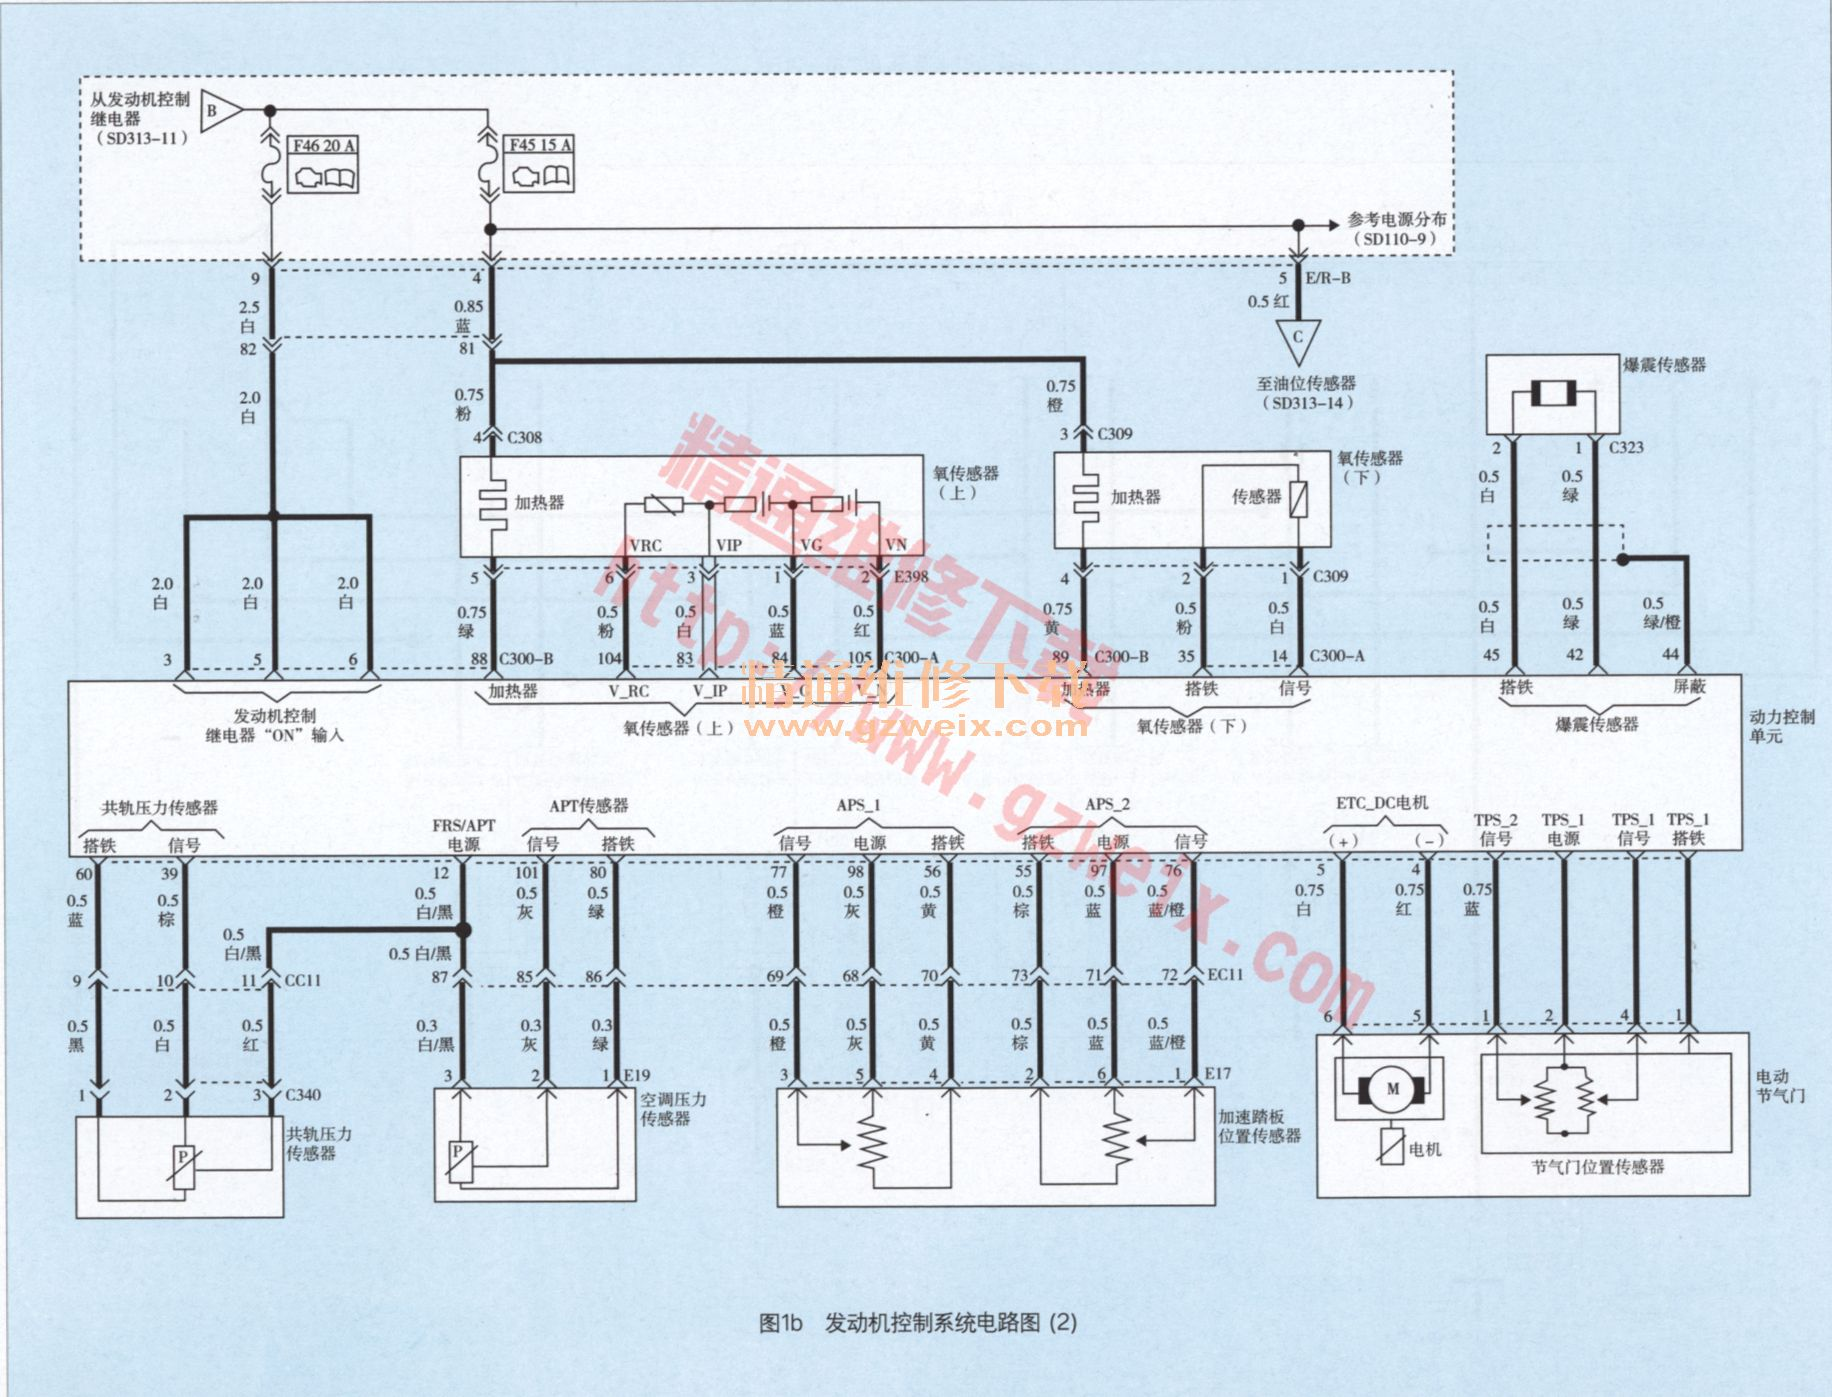 北京现代钢琴胜达电路图-发动机控制系统电路全新模型图纸图片